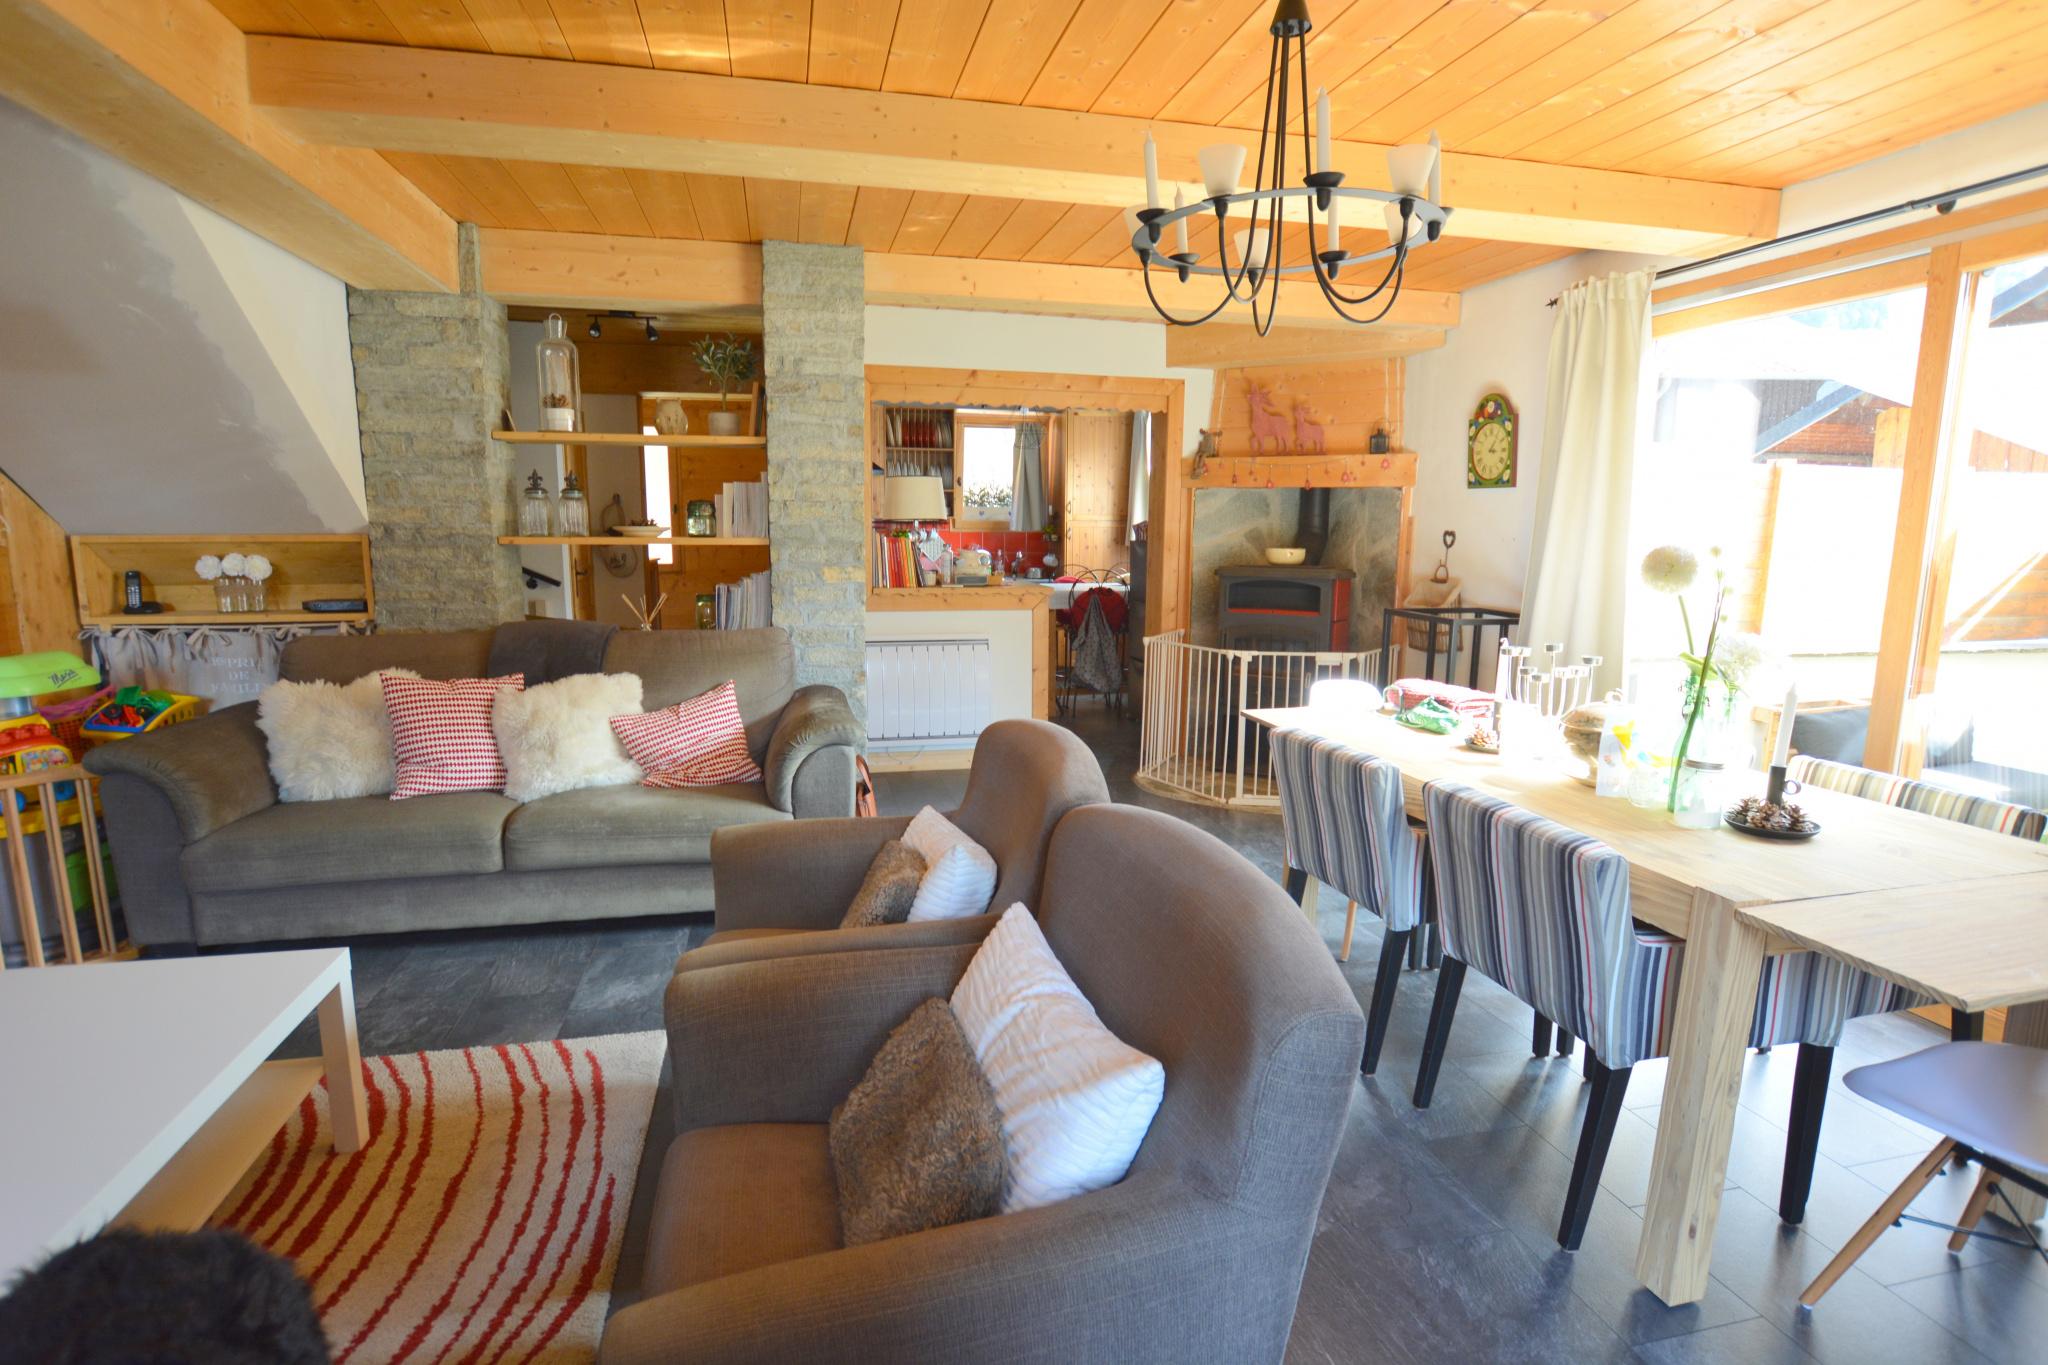 Offres de vente Maisons / Chalets Bozel 73350